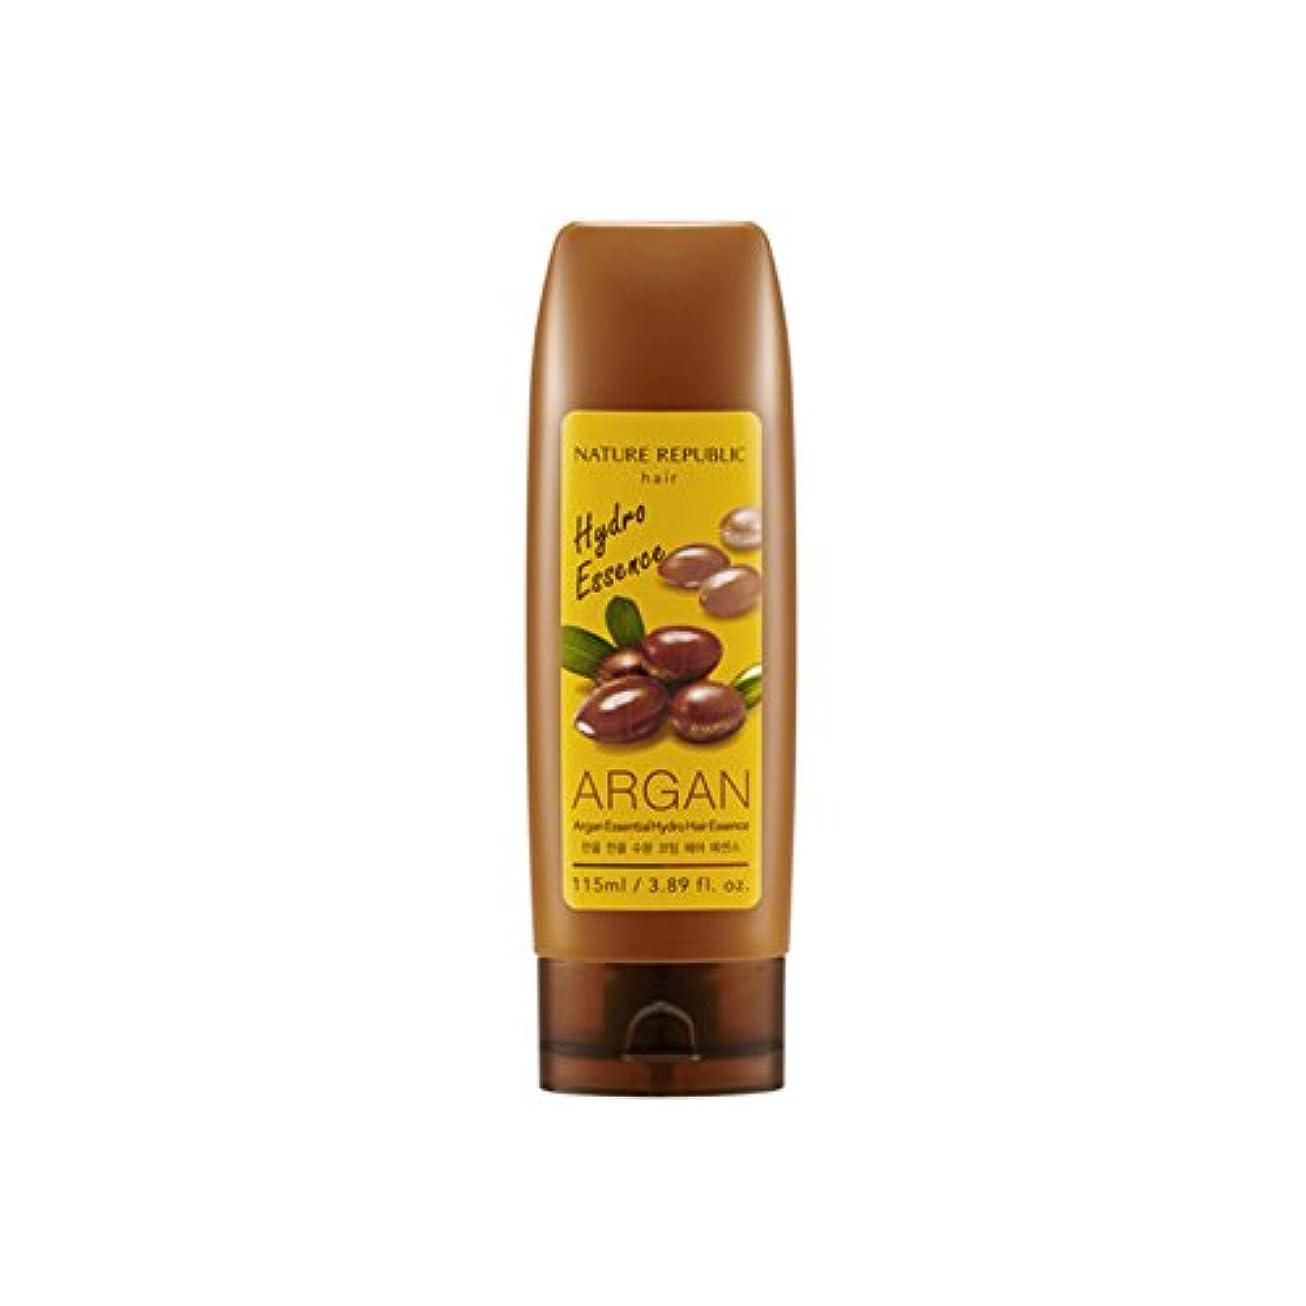 従者操るセンサー[ネイチャーリパブリック] Nature Republic アルガンエッセンシャルハイドロヘアエッセンス Argan Essential Hydro Hair Essence Treatment [並行輸入品]